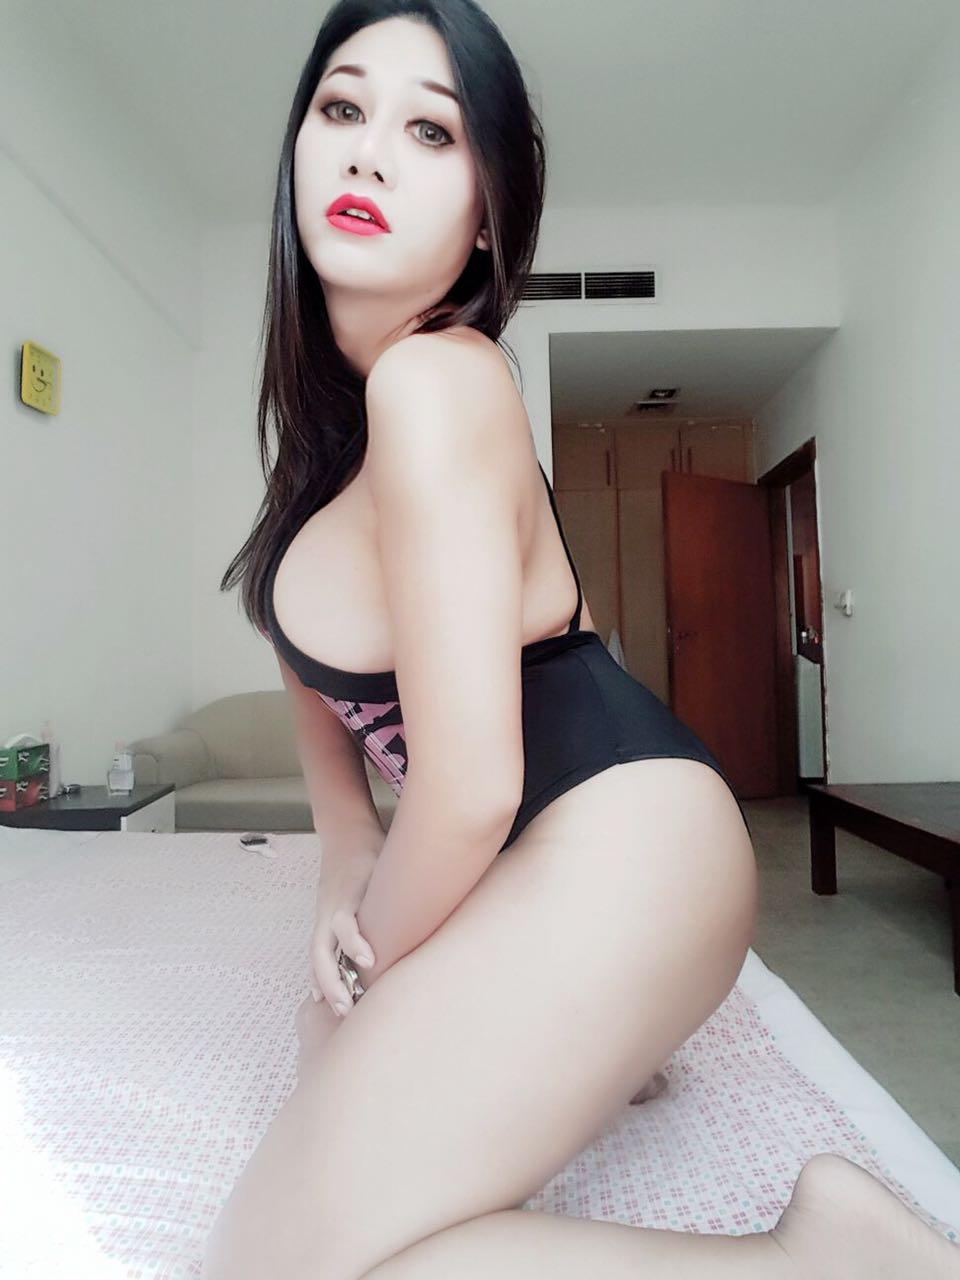 Sex Escort in Thailand